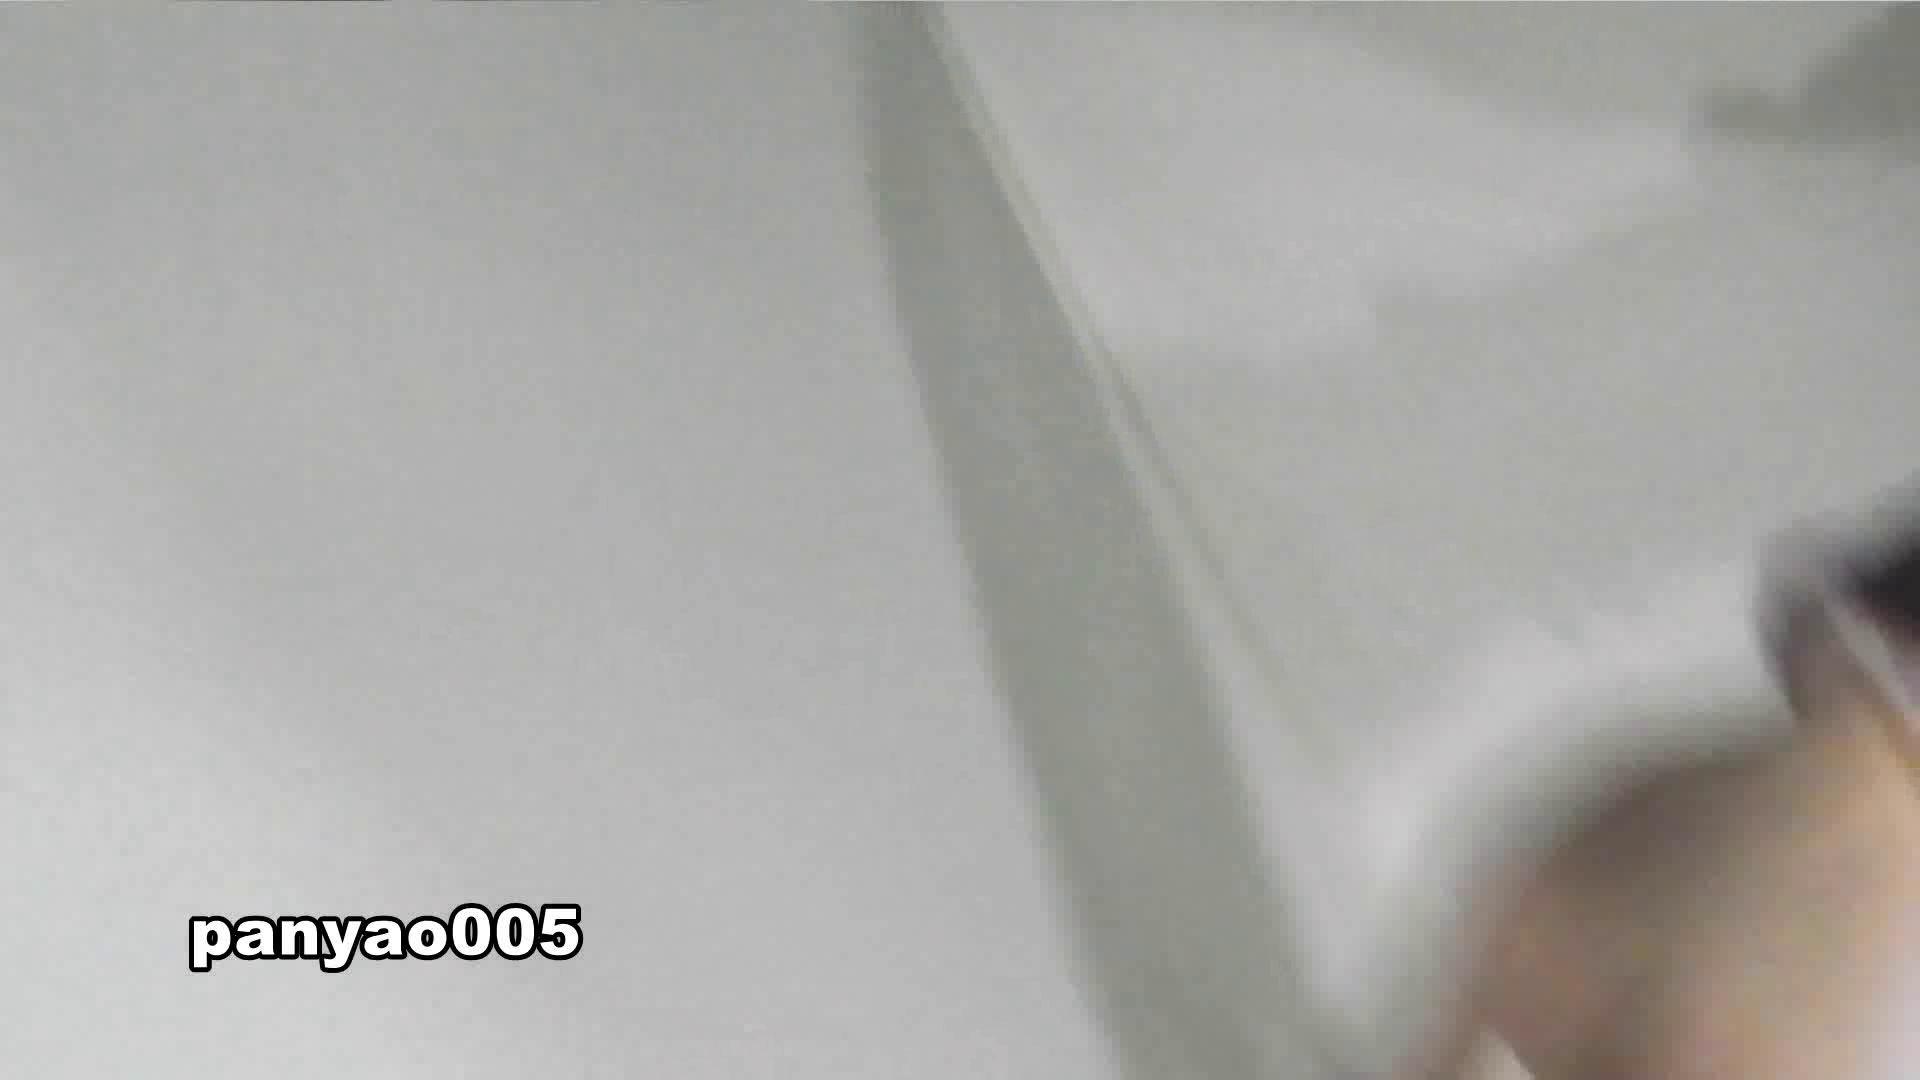 日本成人用品展览会。vol.05 そんな格好で… 着替え  49pic 18